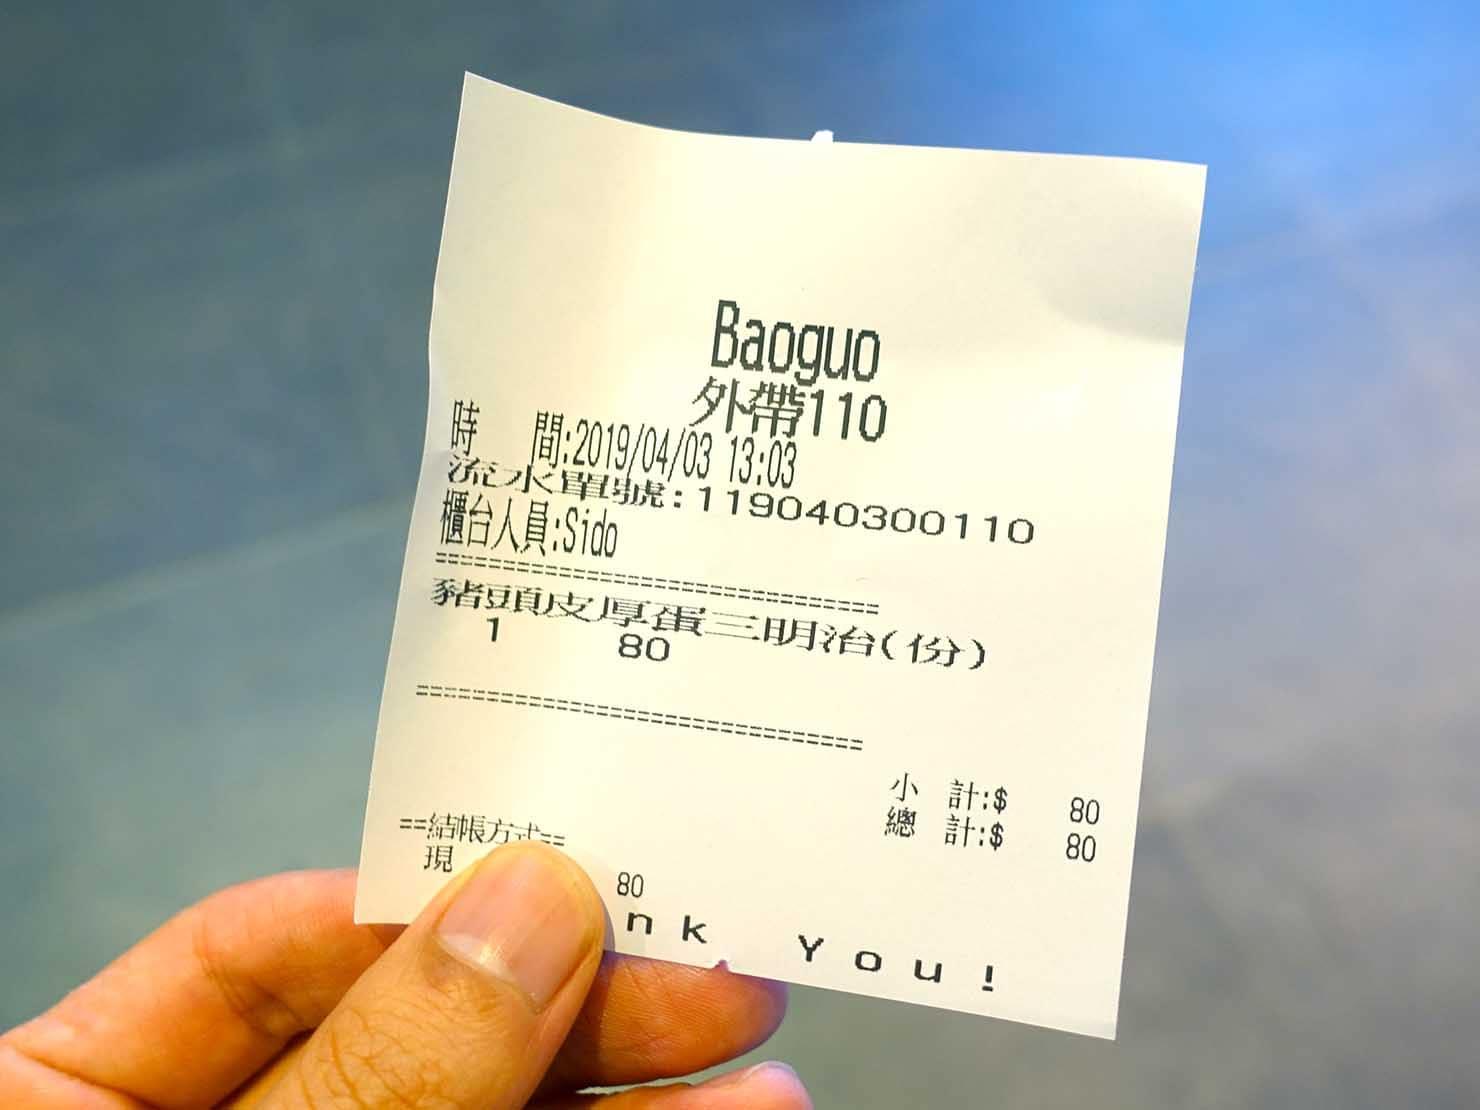 台北駅駅ナカ(車站大廳)のおすすめグルメ店「包果」のレシート